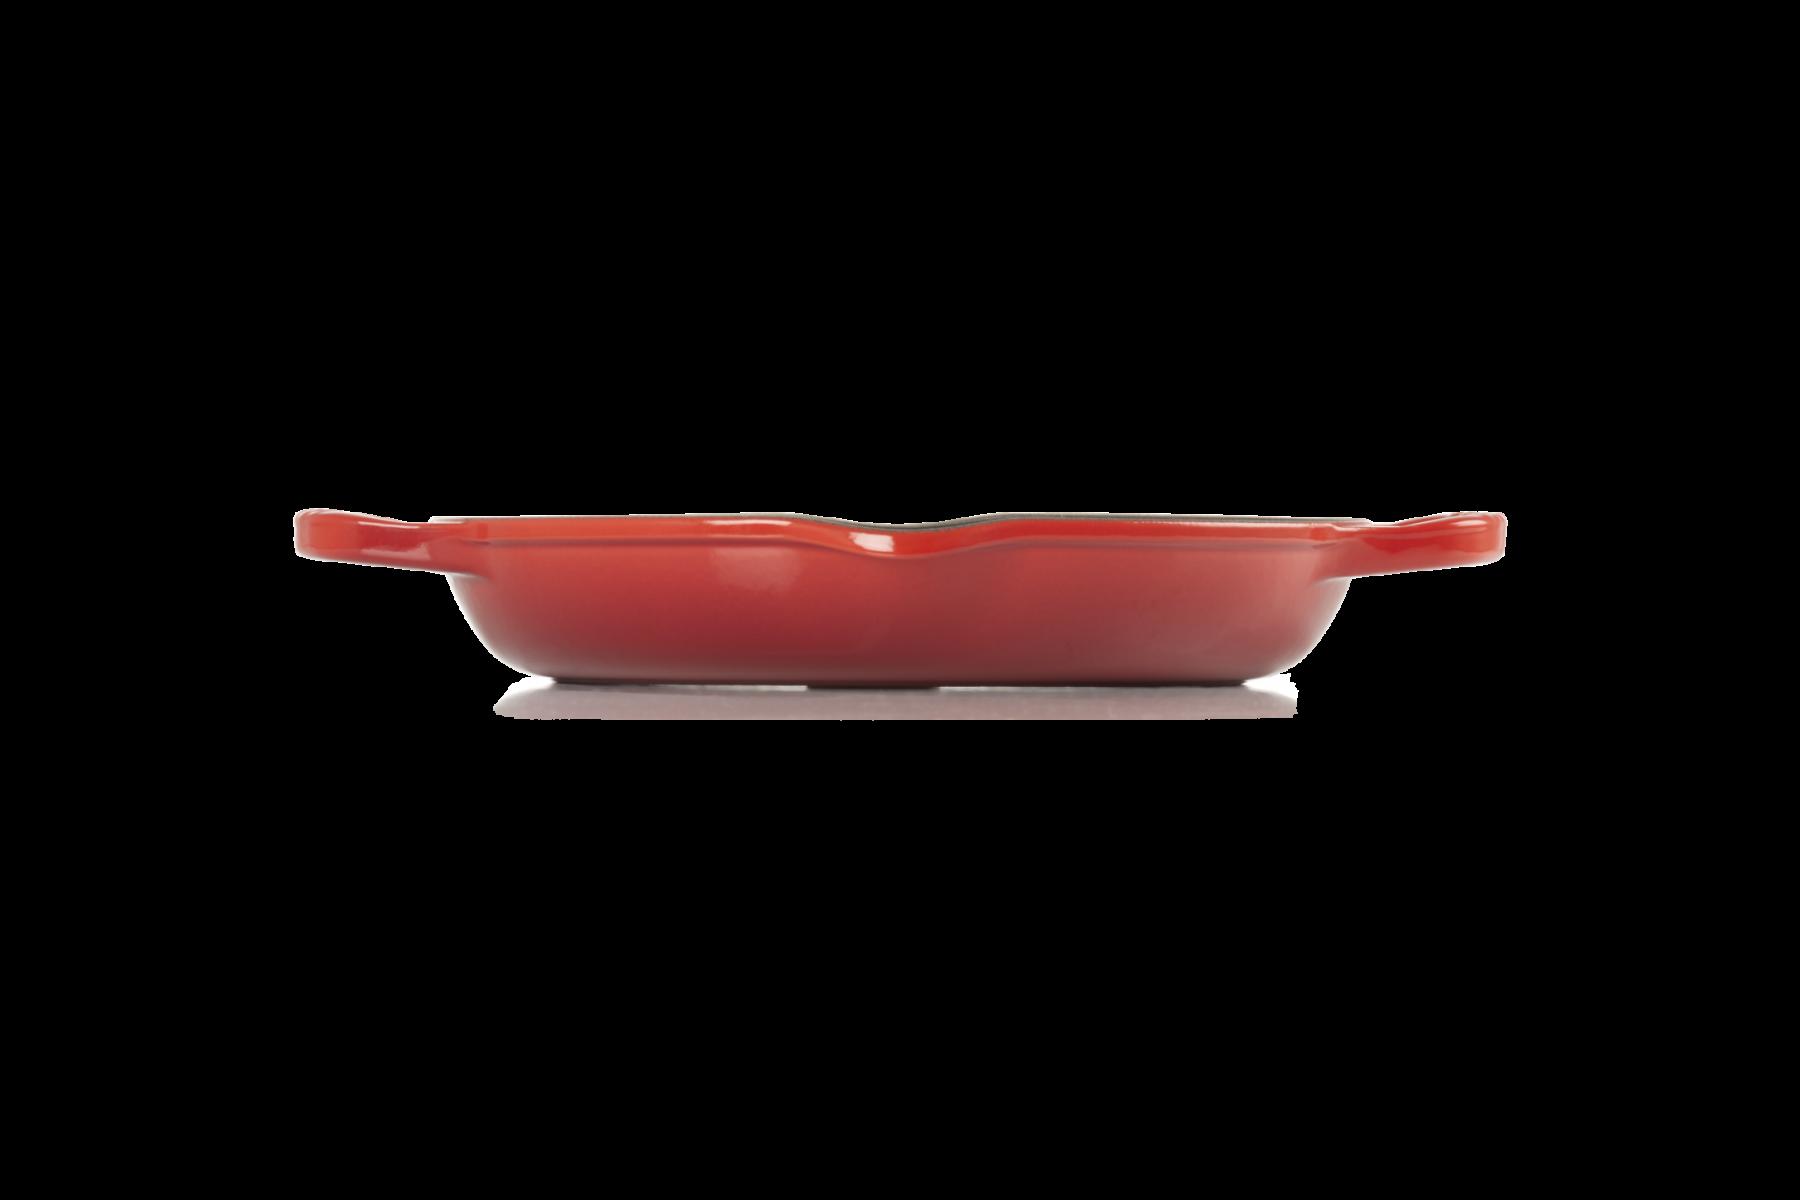 Le Creuset Signature Grillpfanne rund mit zwei Griffen 25 cm Kirschrot seitlich